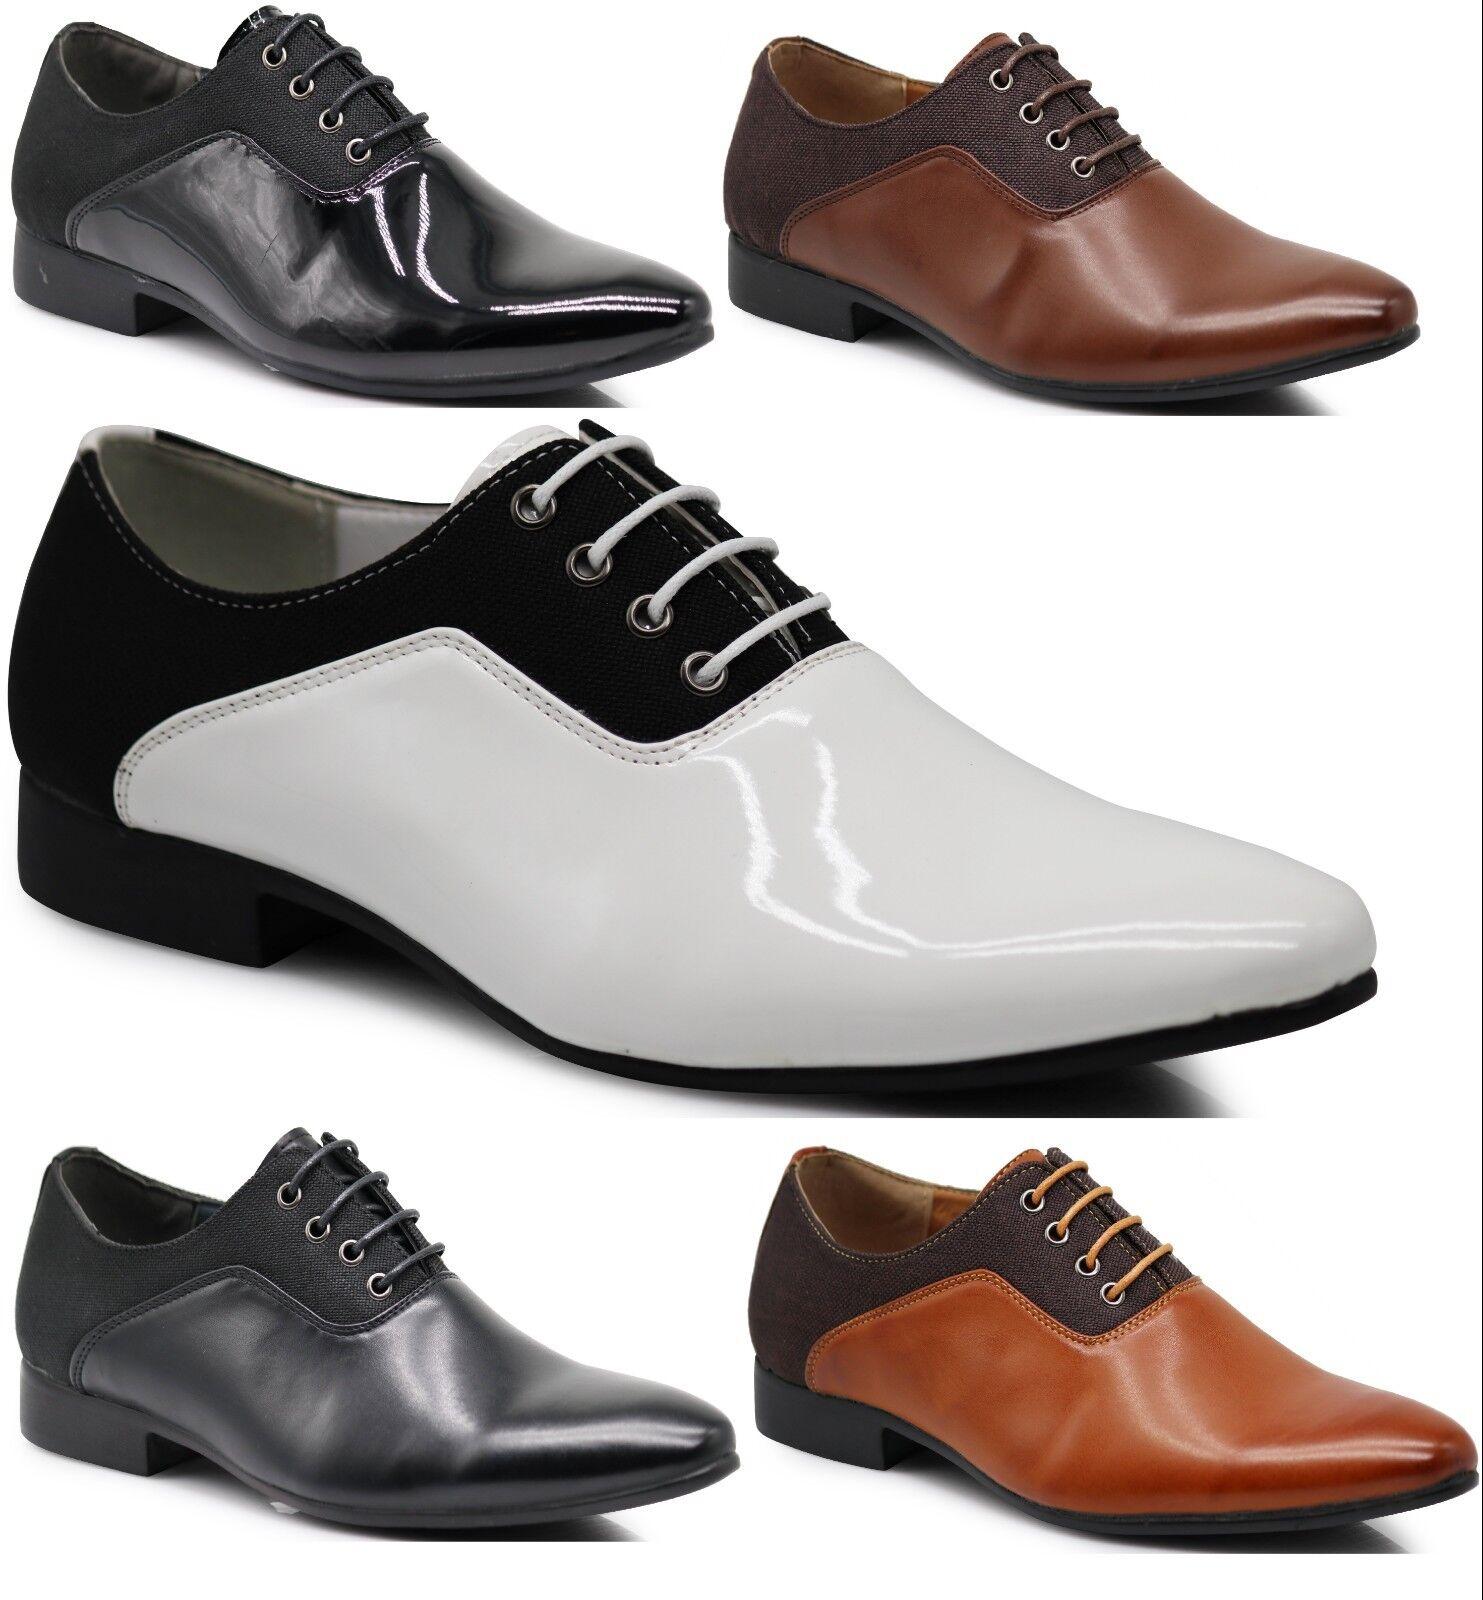 New Men Two Tone Dress shoes Tuxedo Fashion Lace Up Oxfords Patent shoes PL07